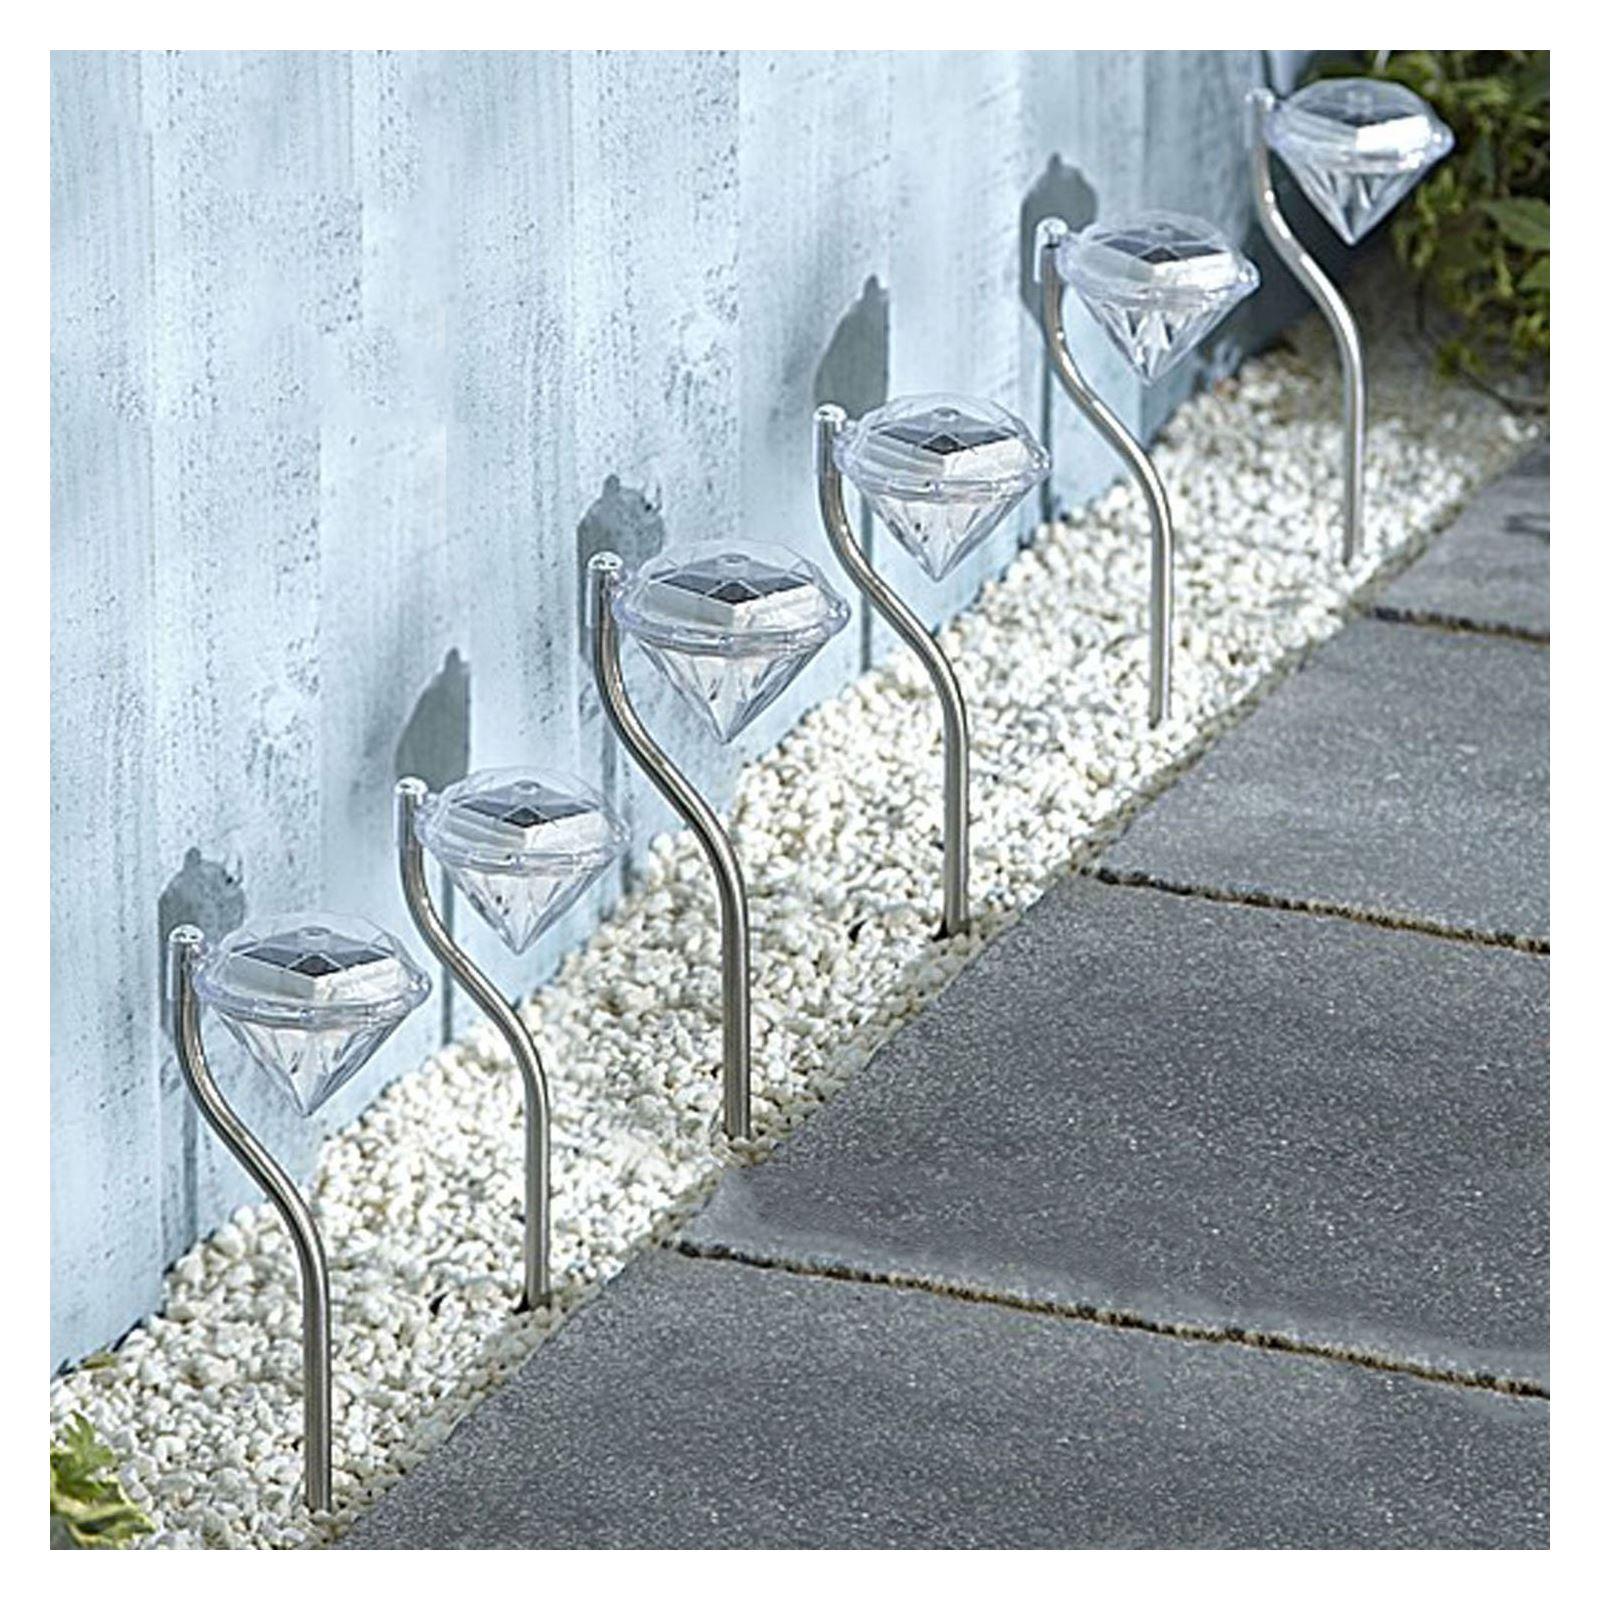 ASAB-10-x-a-energie-solaire-en-acier-inoxydable-jardin-poste-lumieres-DEL-eclairage-exterieur miniature 15